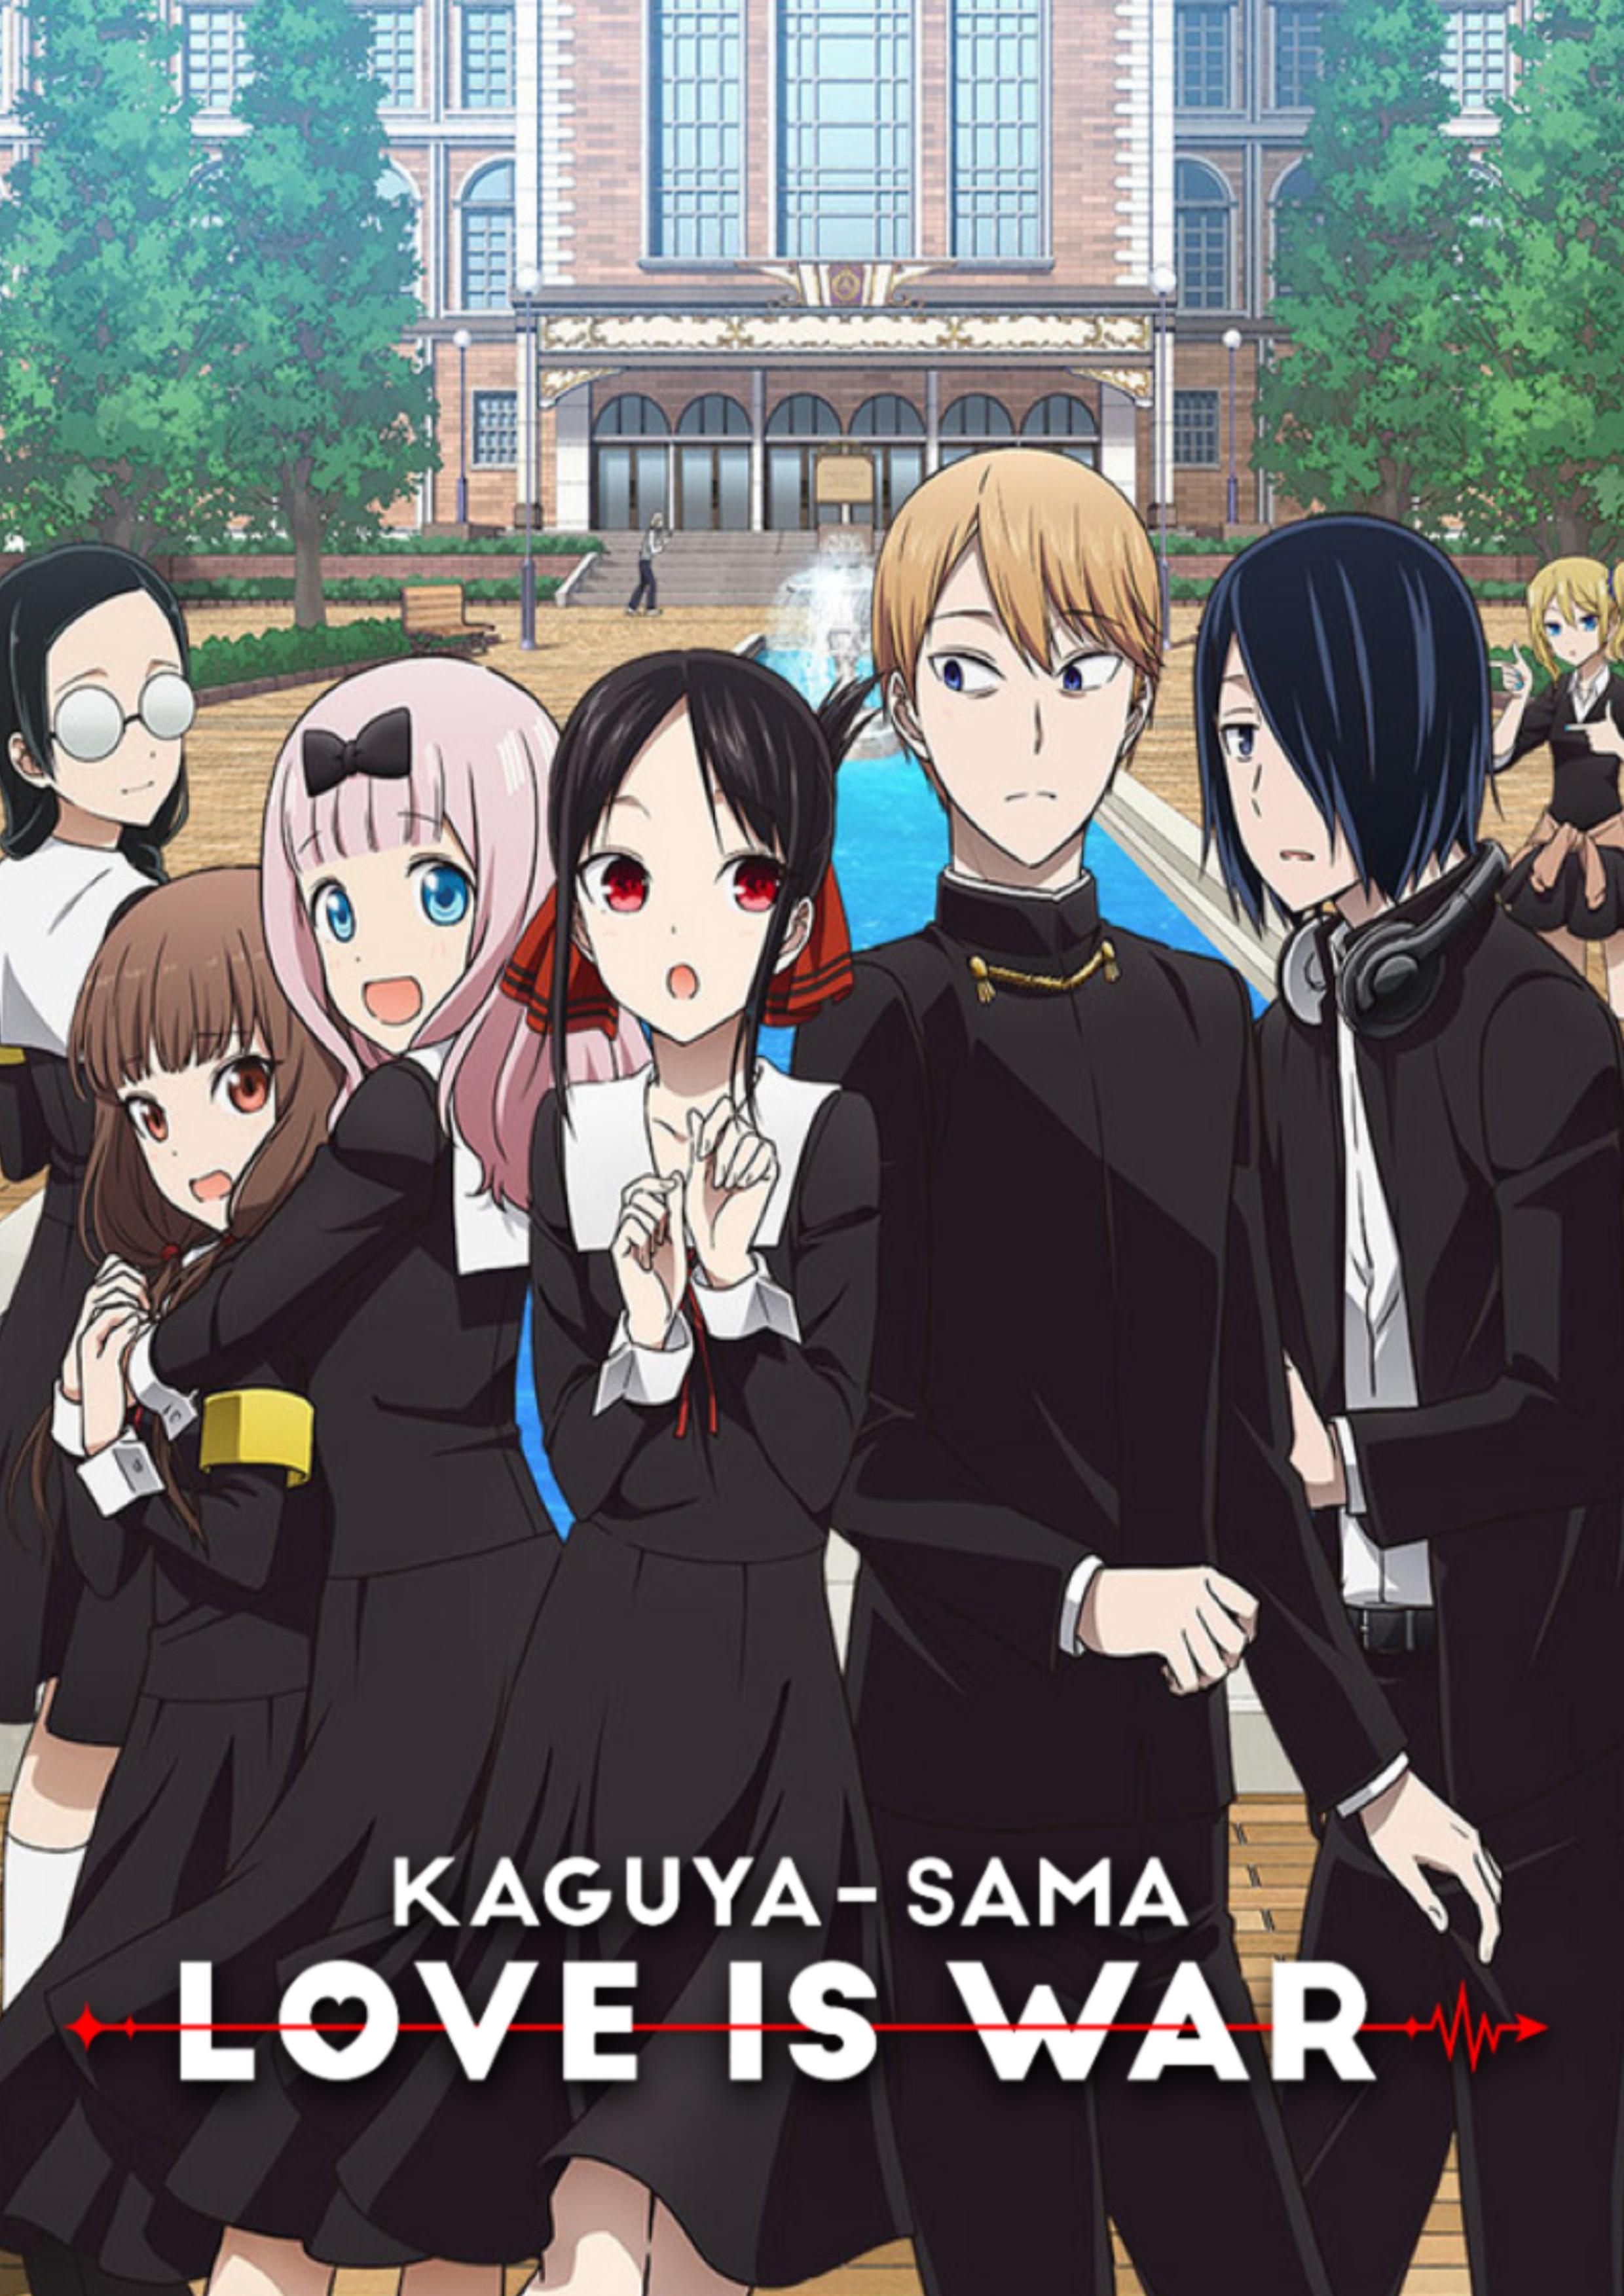 Kaguya-sama: Love is War anime poster.